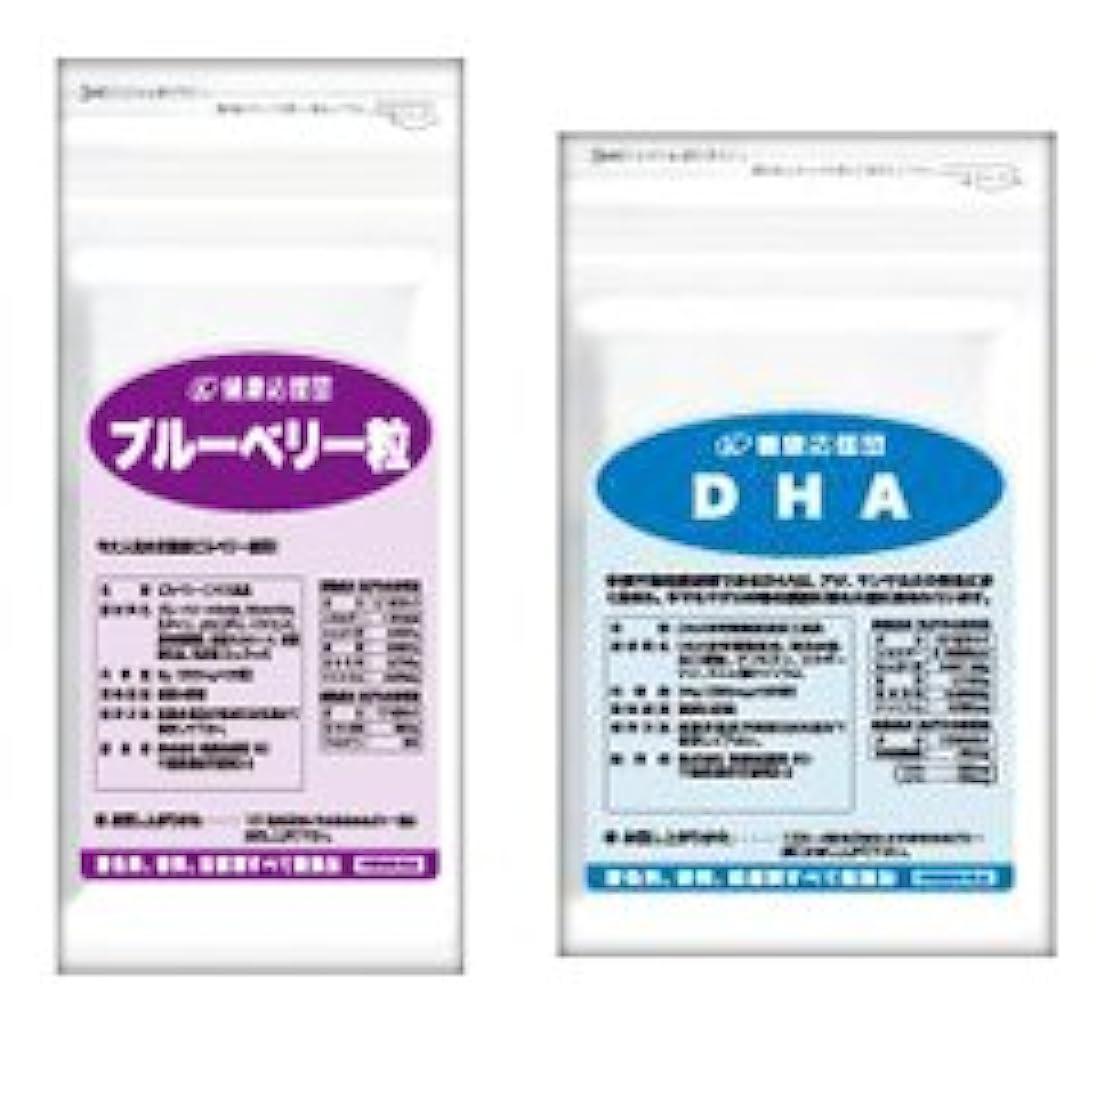 瞳すっきりセット ブルーベリー + DHA (DHA?EPA?カシス?ルテイン配合)